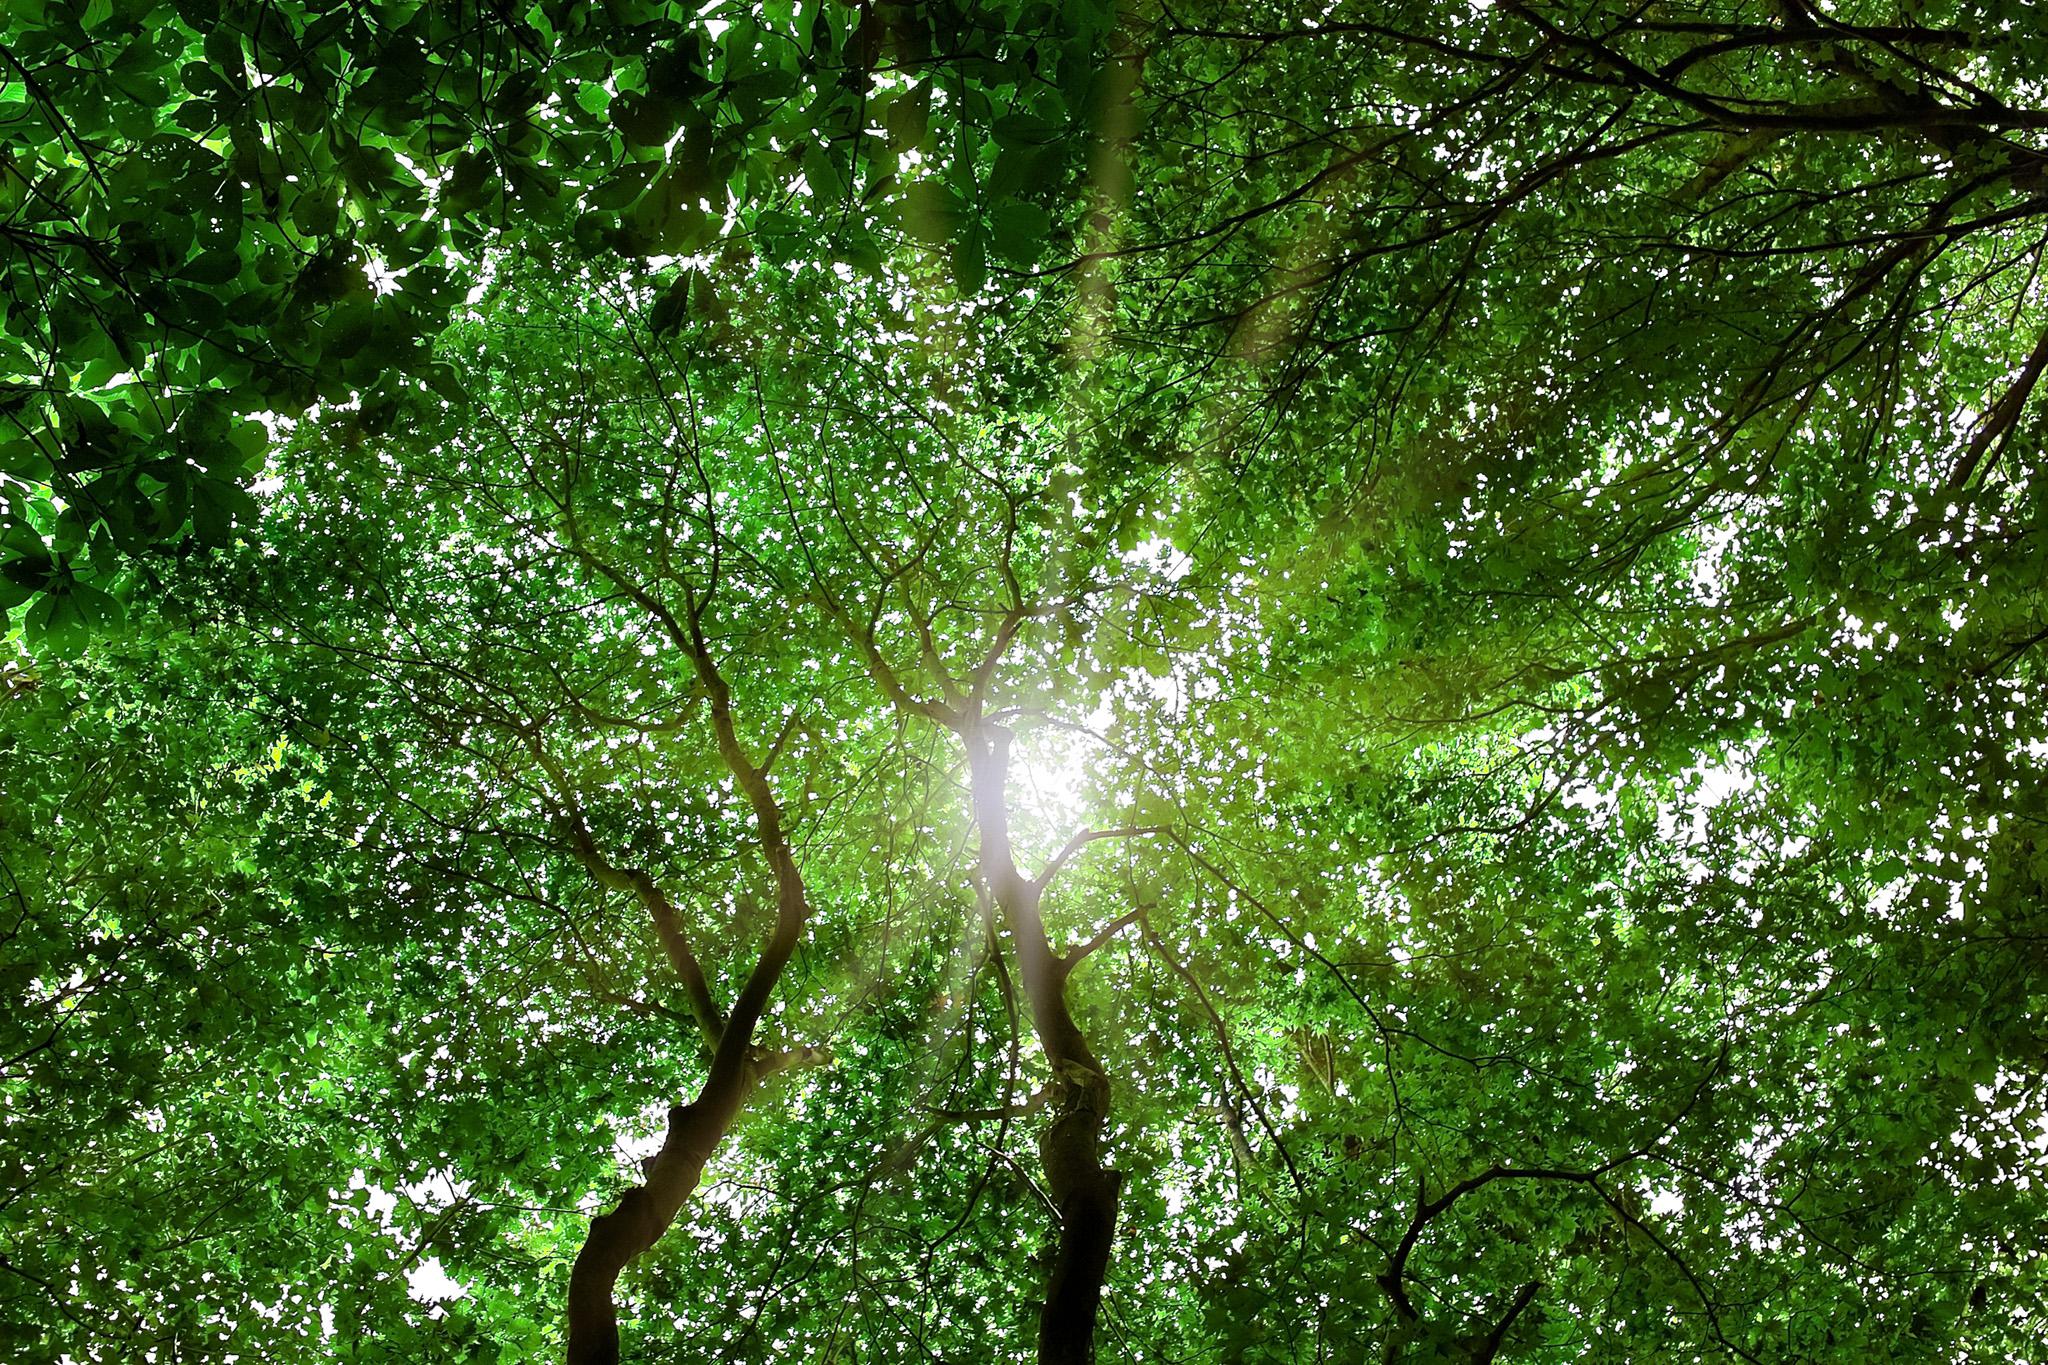 「見上げる木の隙間から浴びる光」の素材を無料ダウンロード